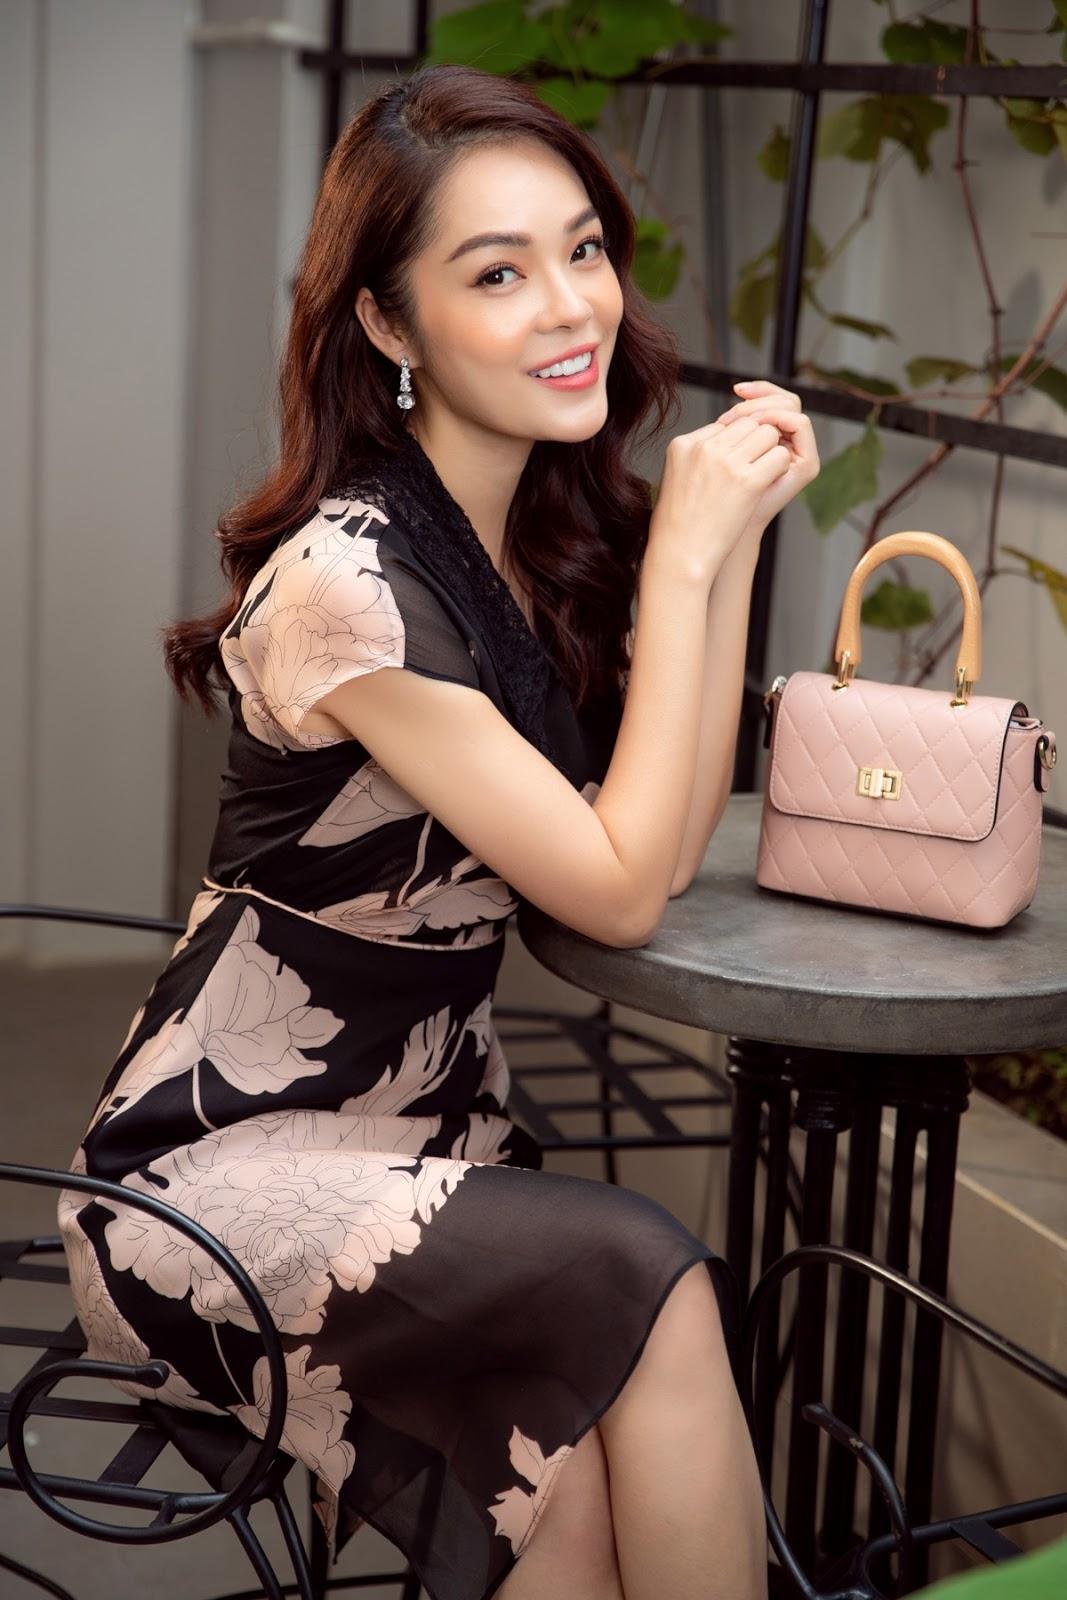 Dương Cẩm Lynh: Mặc đẹp, thời trang và chỉn chu thể hiện sự tôn trọng chính mình và người khác - Hình 9